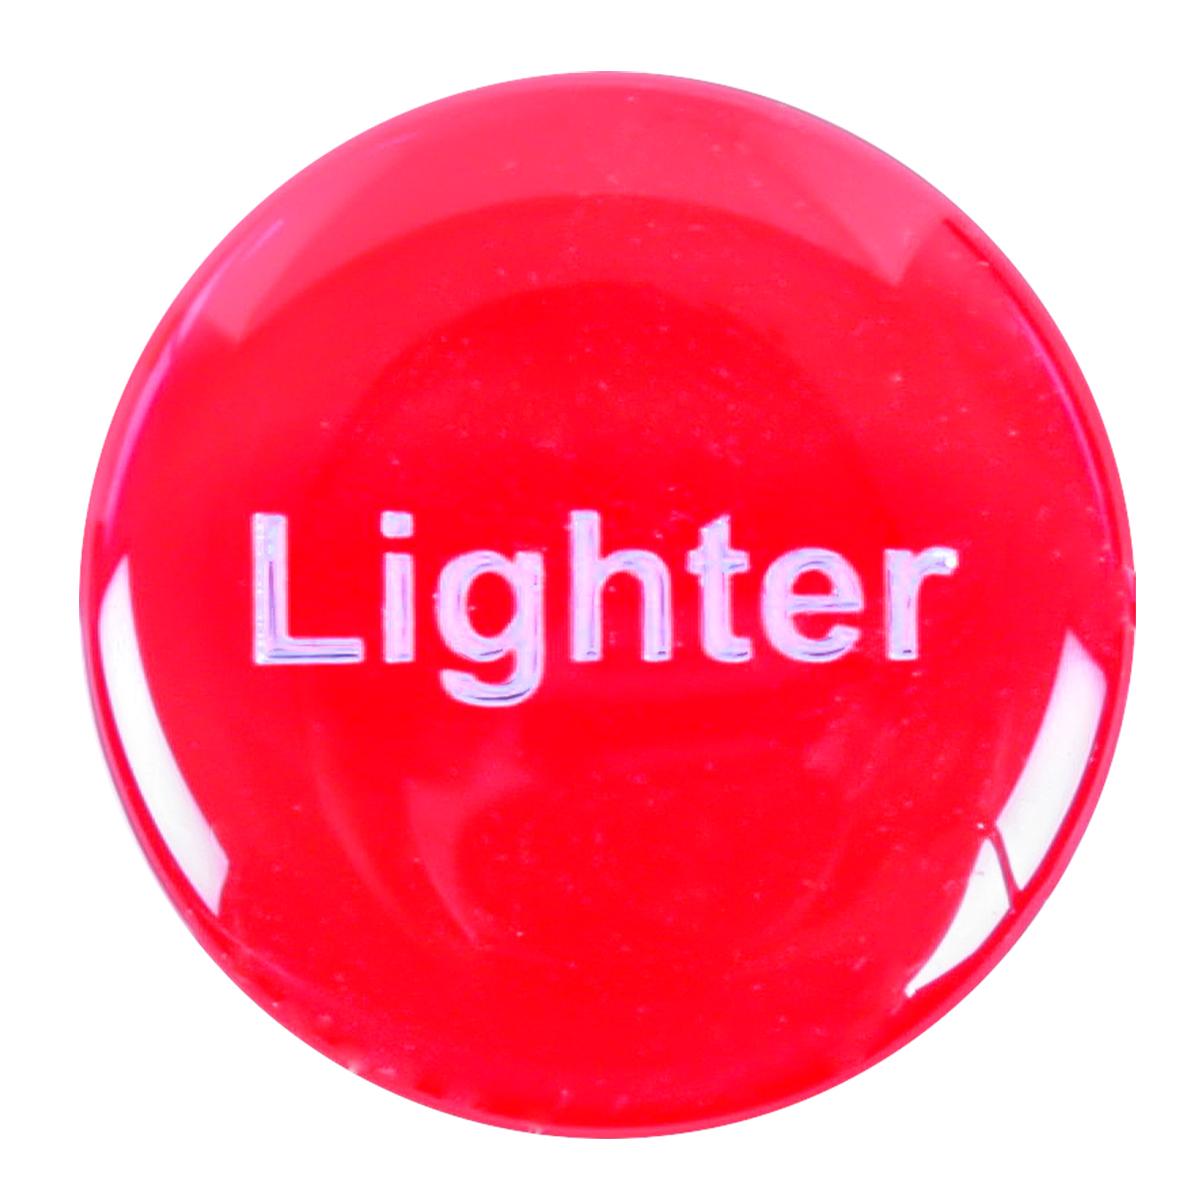 96655 Red Sticker for Cigarette Lighter